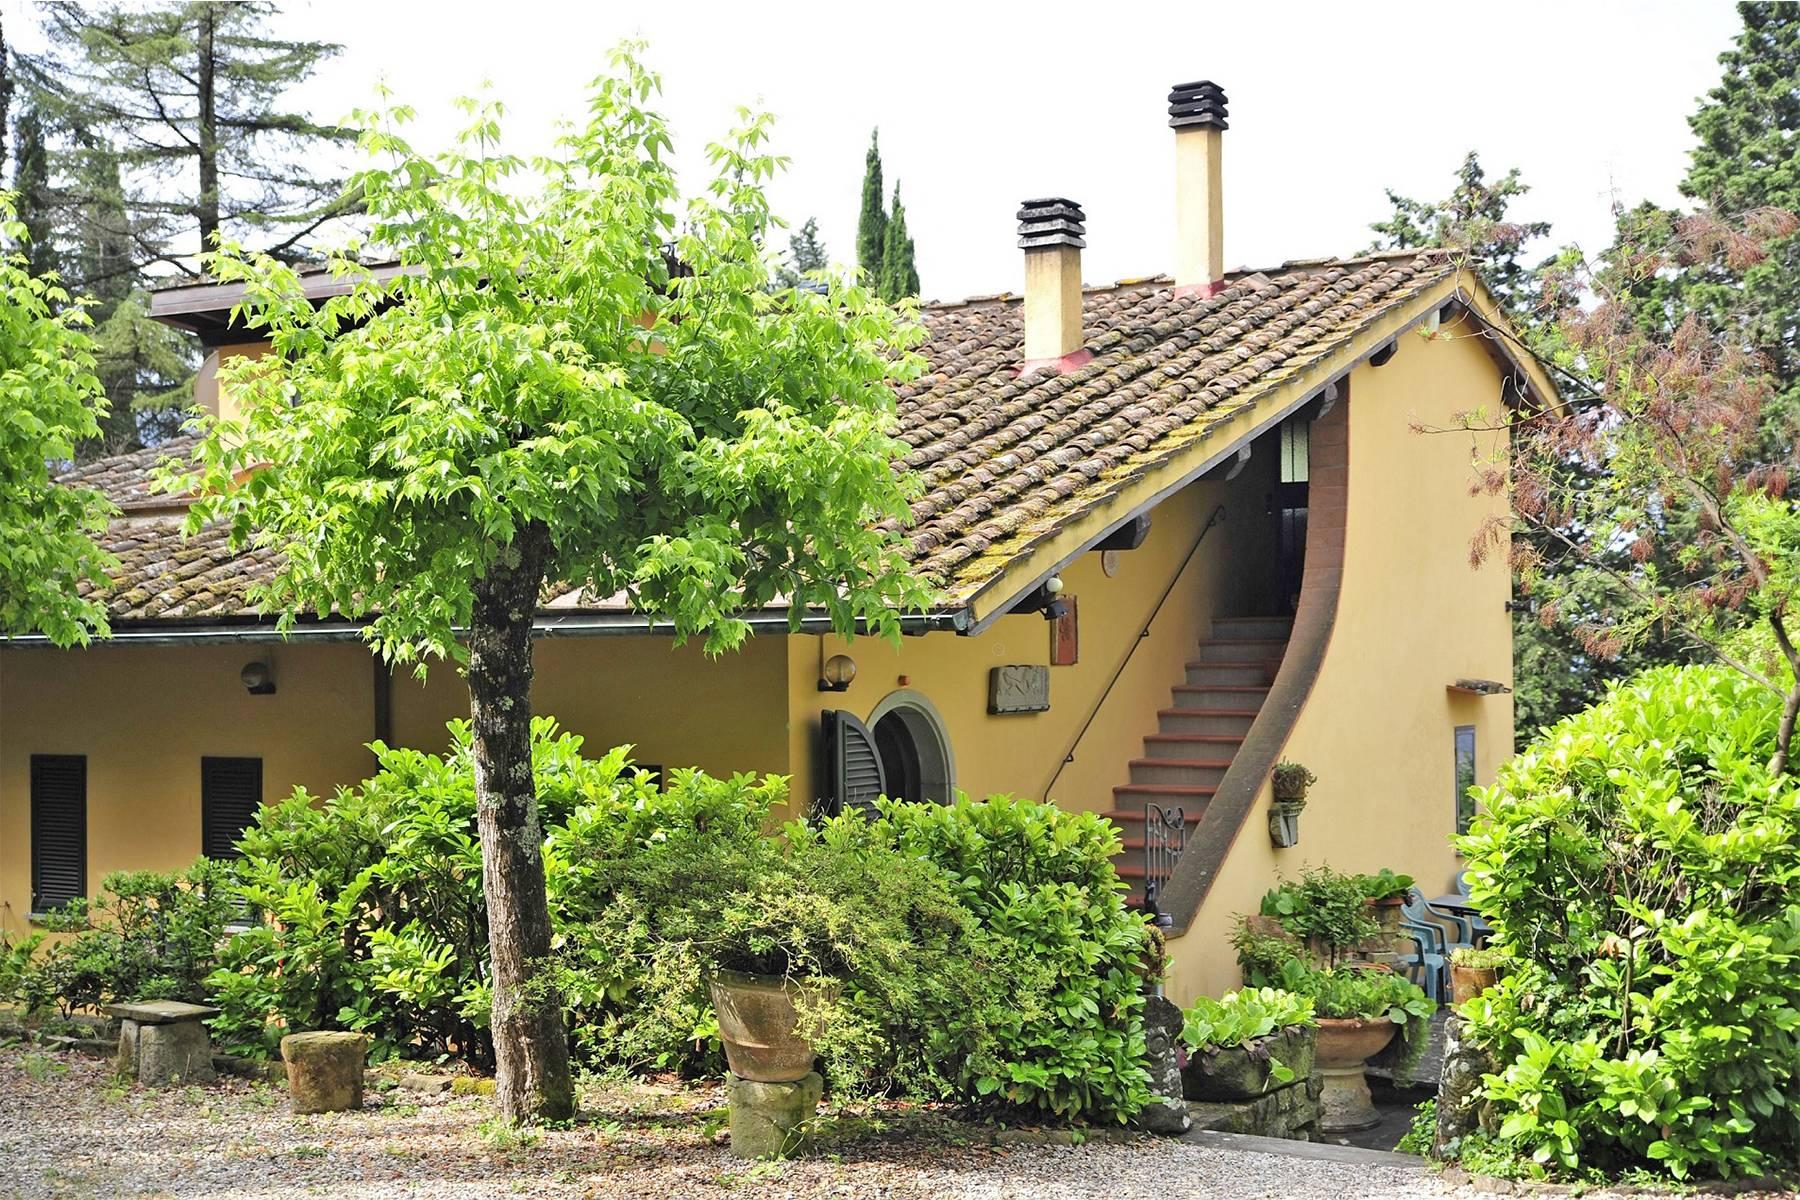 Villa in Vendita a Firenze Semicentro Est: 5 locali, 350 mq